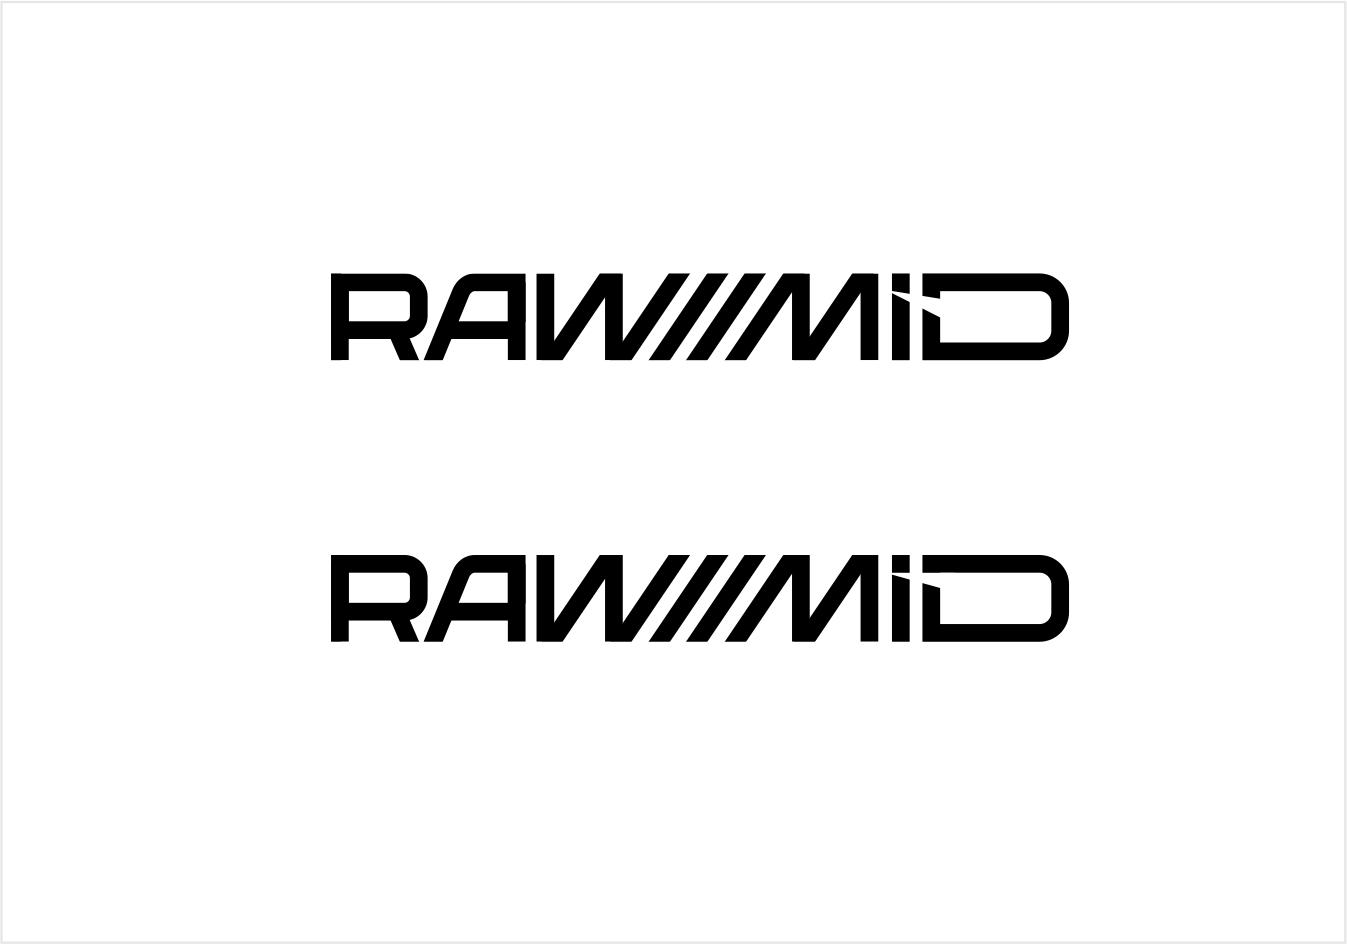 Создать логотип (буквенная часть) для бренда бытовой техники фото f_5905b34e9aa727dc.jpg